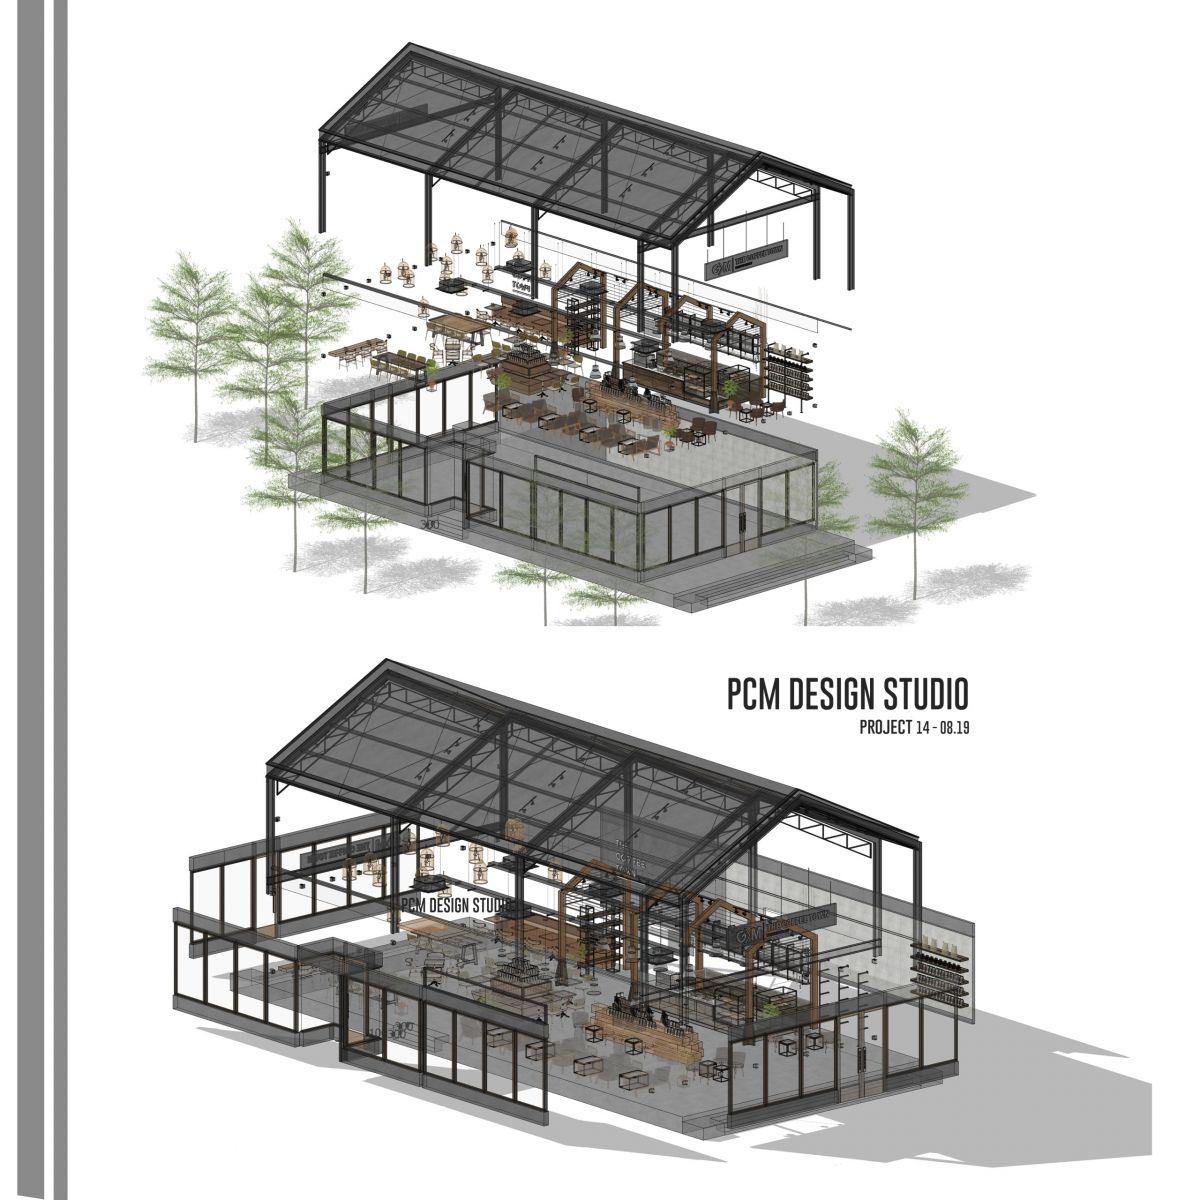 bản vẽ layout thiết kế 3d quán cafe diện tích 970m2